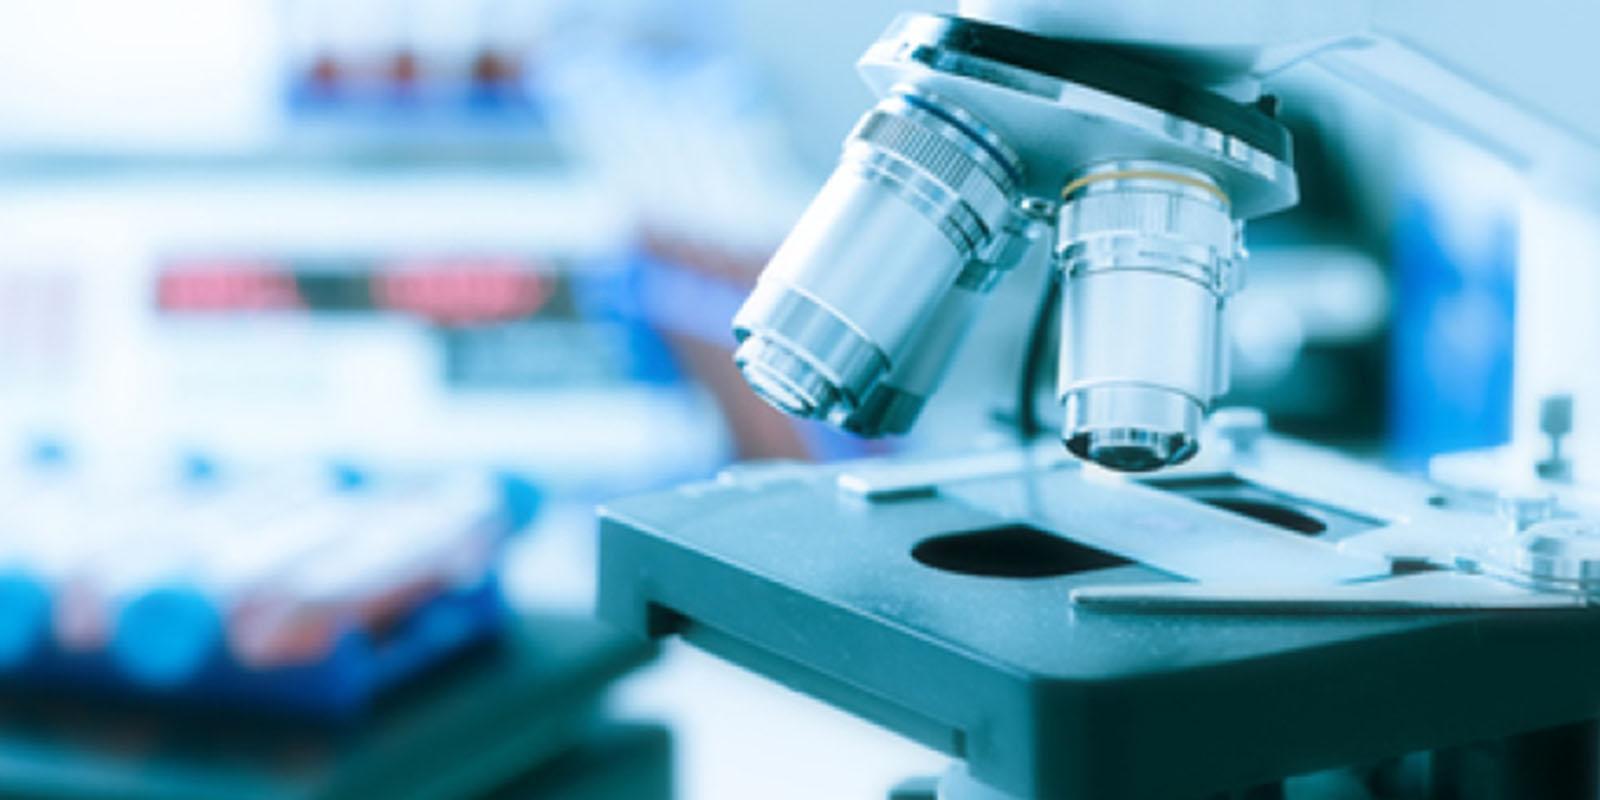 STJ permite quebra de patente de remédio que custou R$ 613 mi ao Sus em 2016